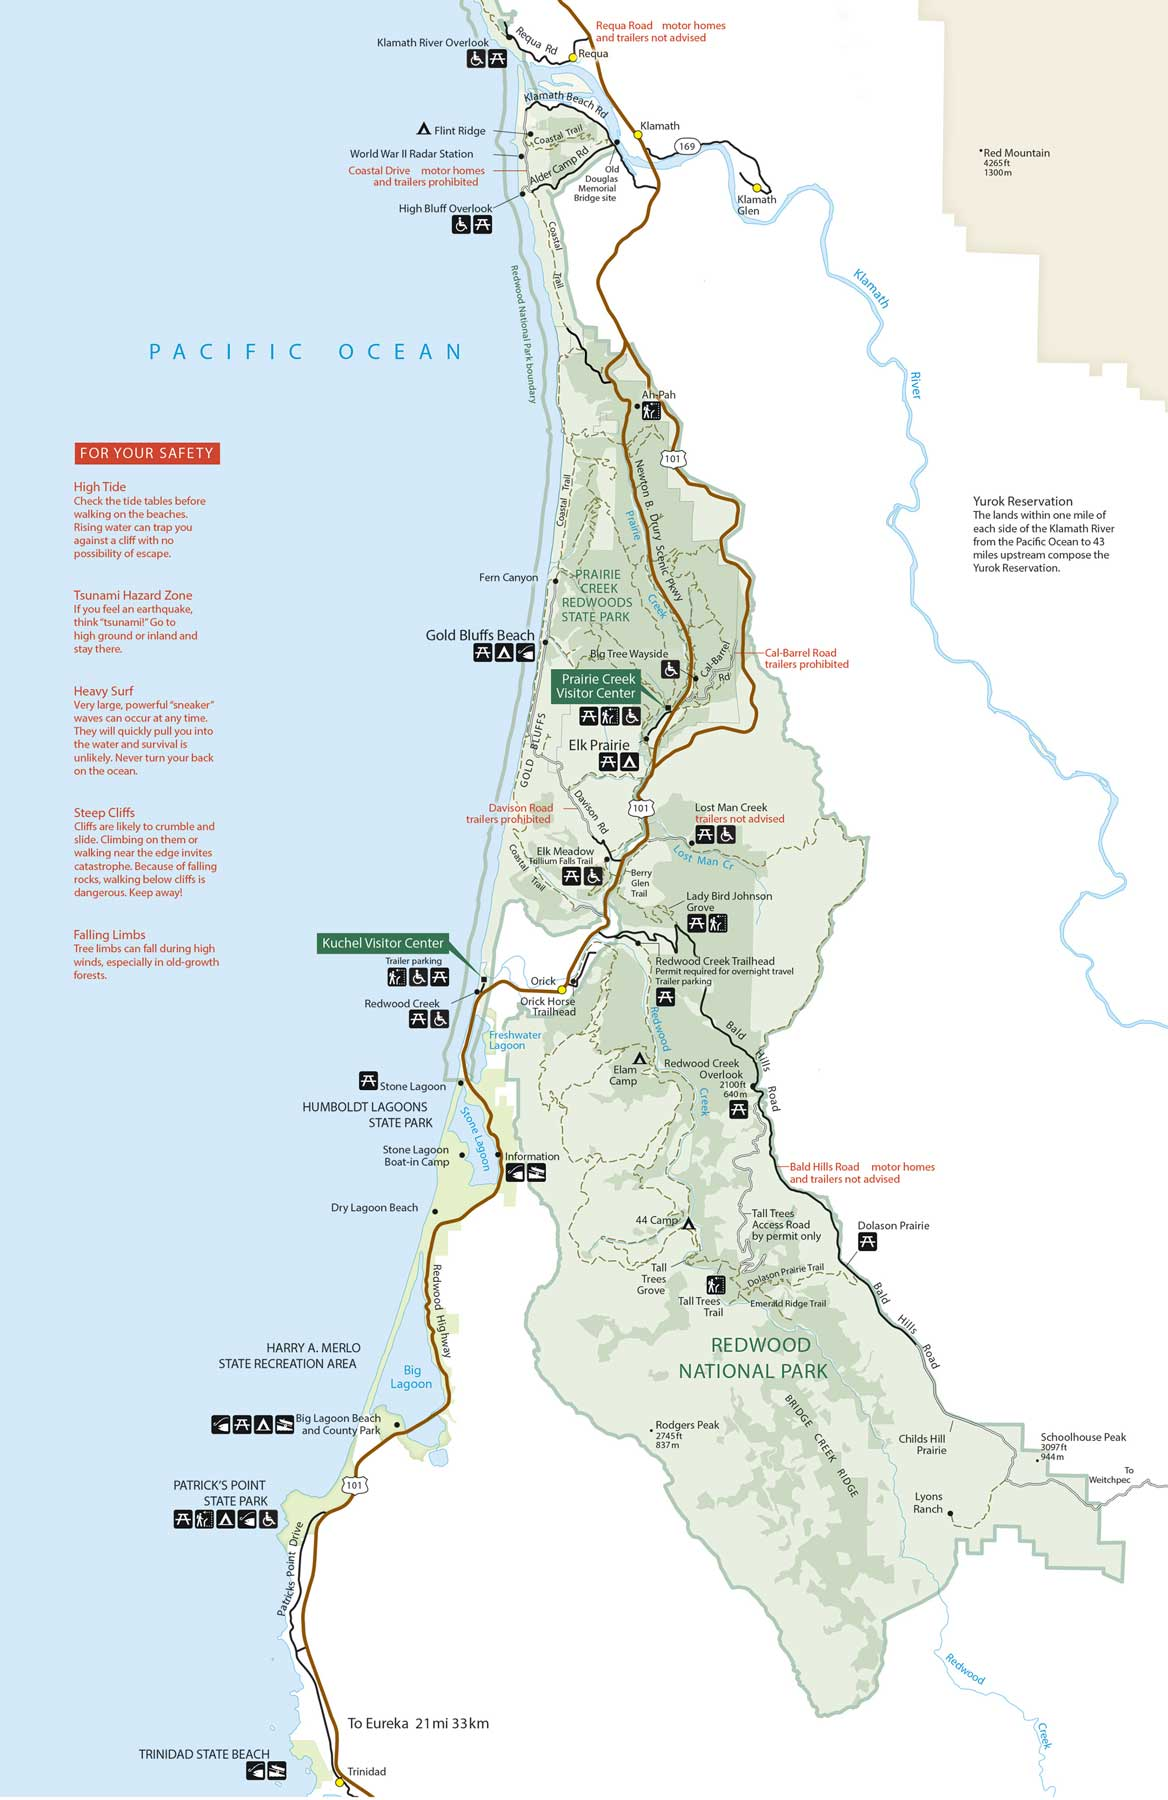 redwood national park map